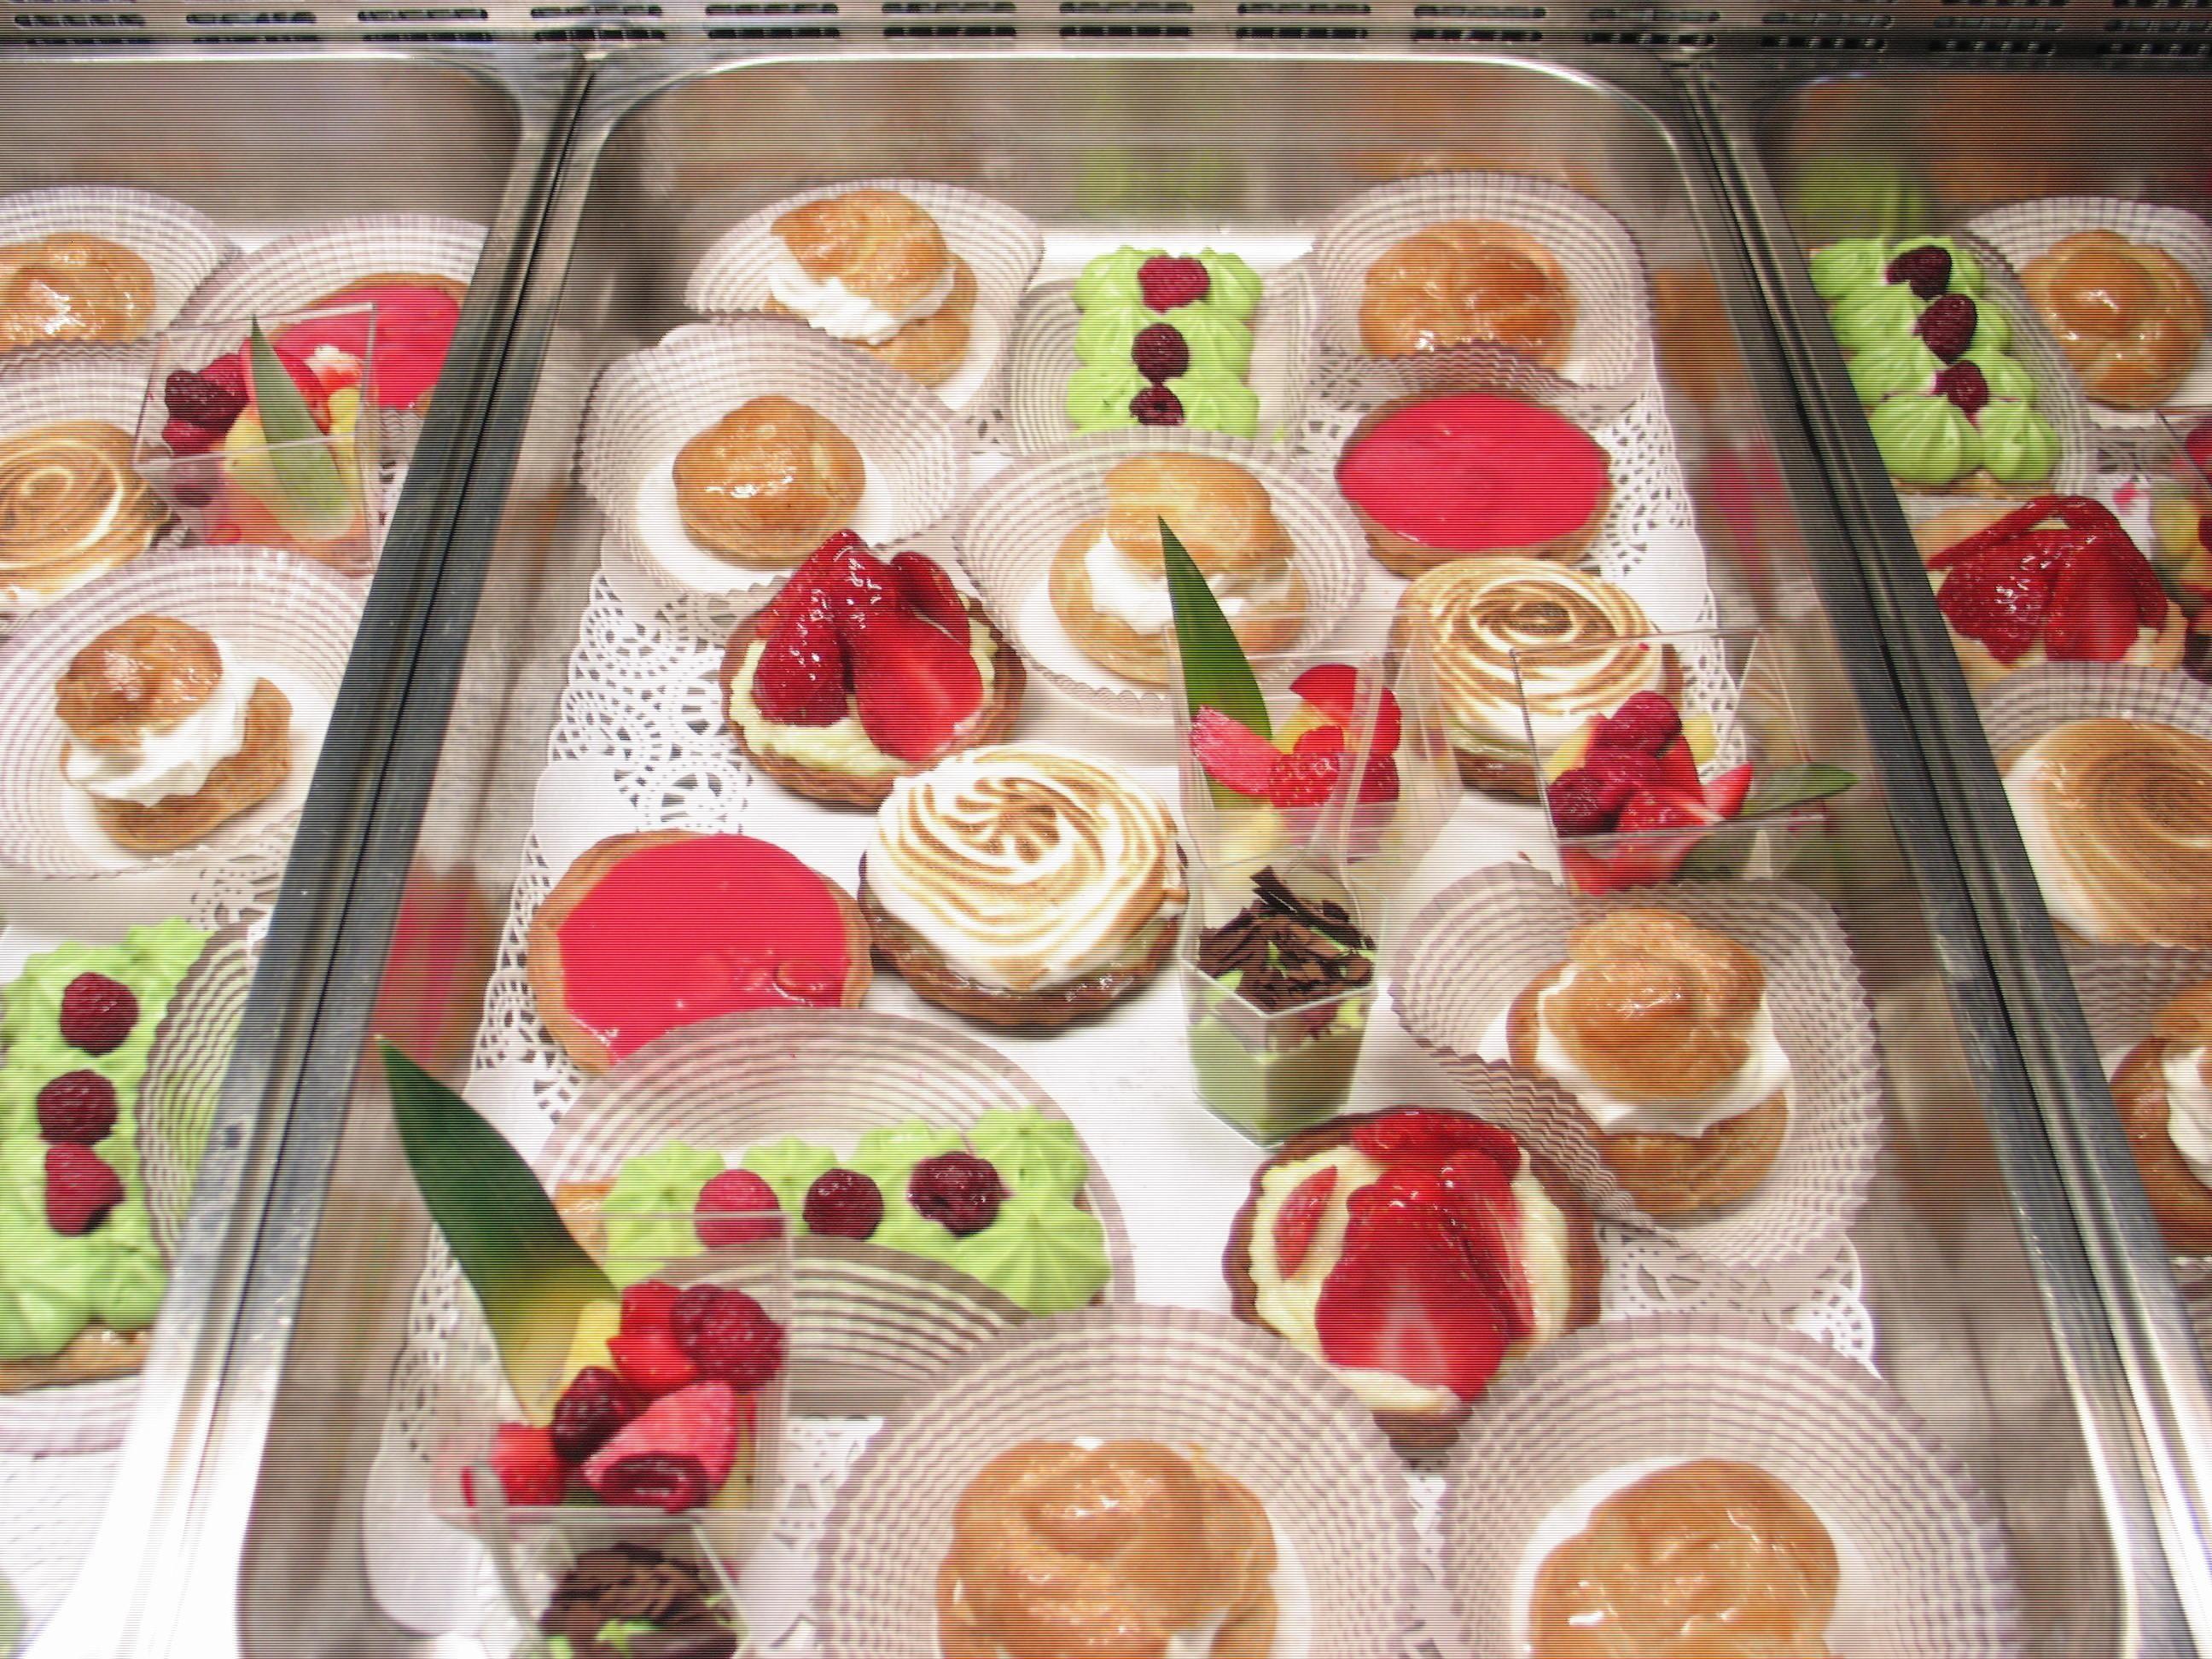 buffet de dessert.jpg